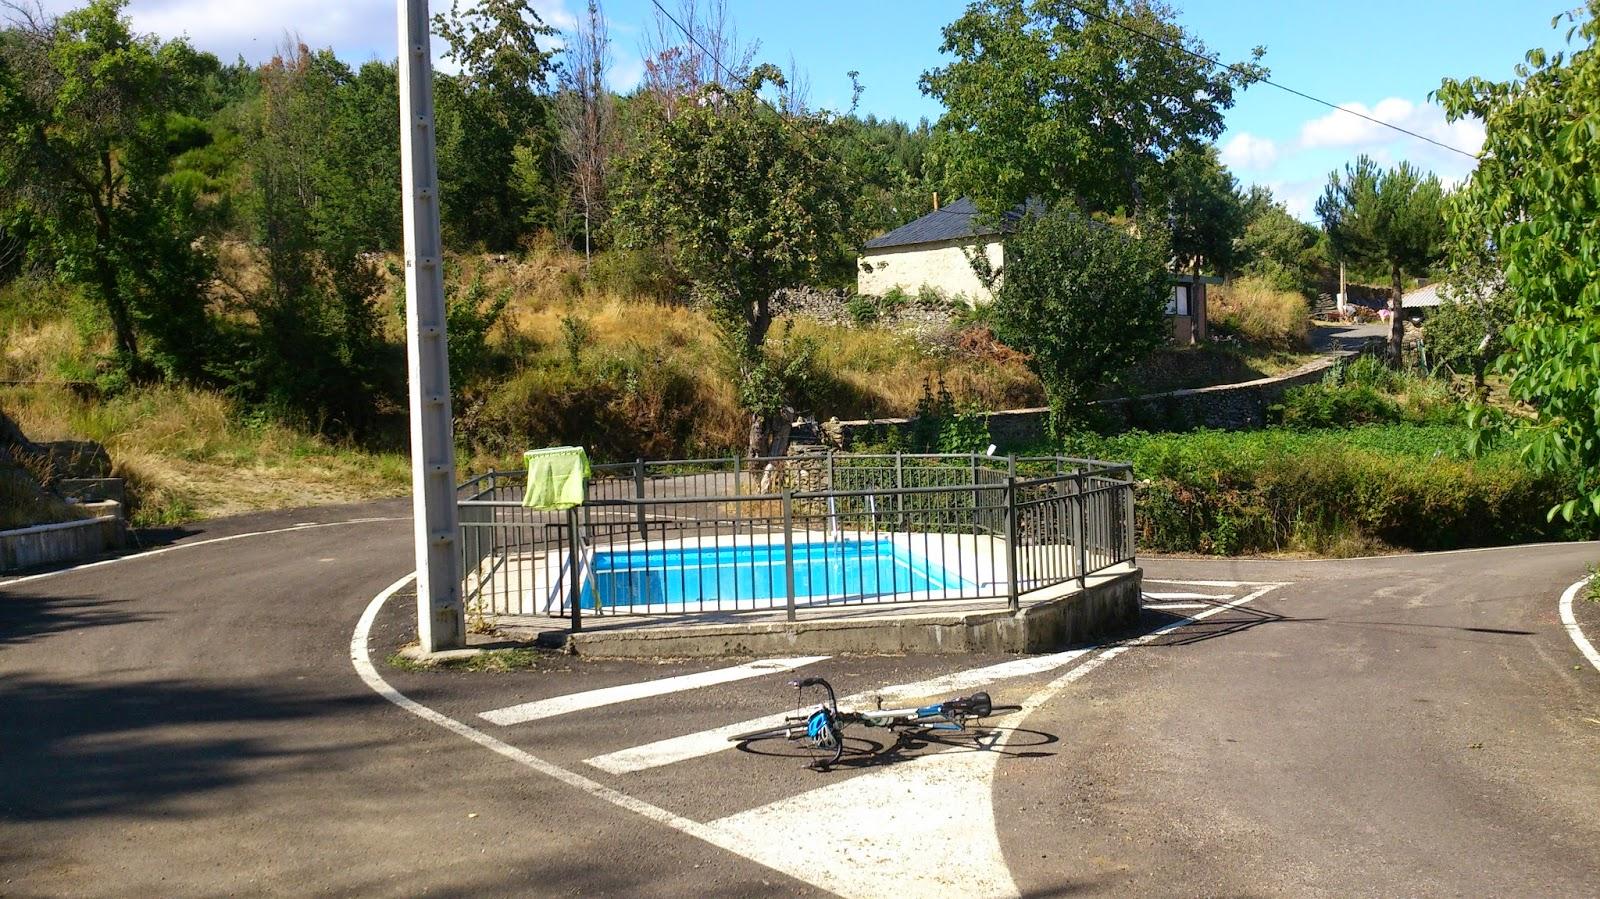 Imagem da piscina municipal de Villar de Omaña. Foto: puertosdeleon.blogspot.com.es